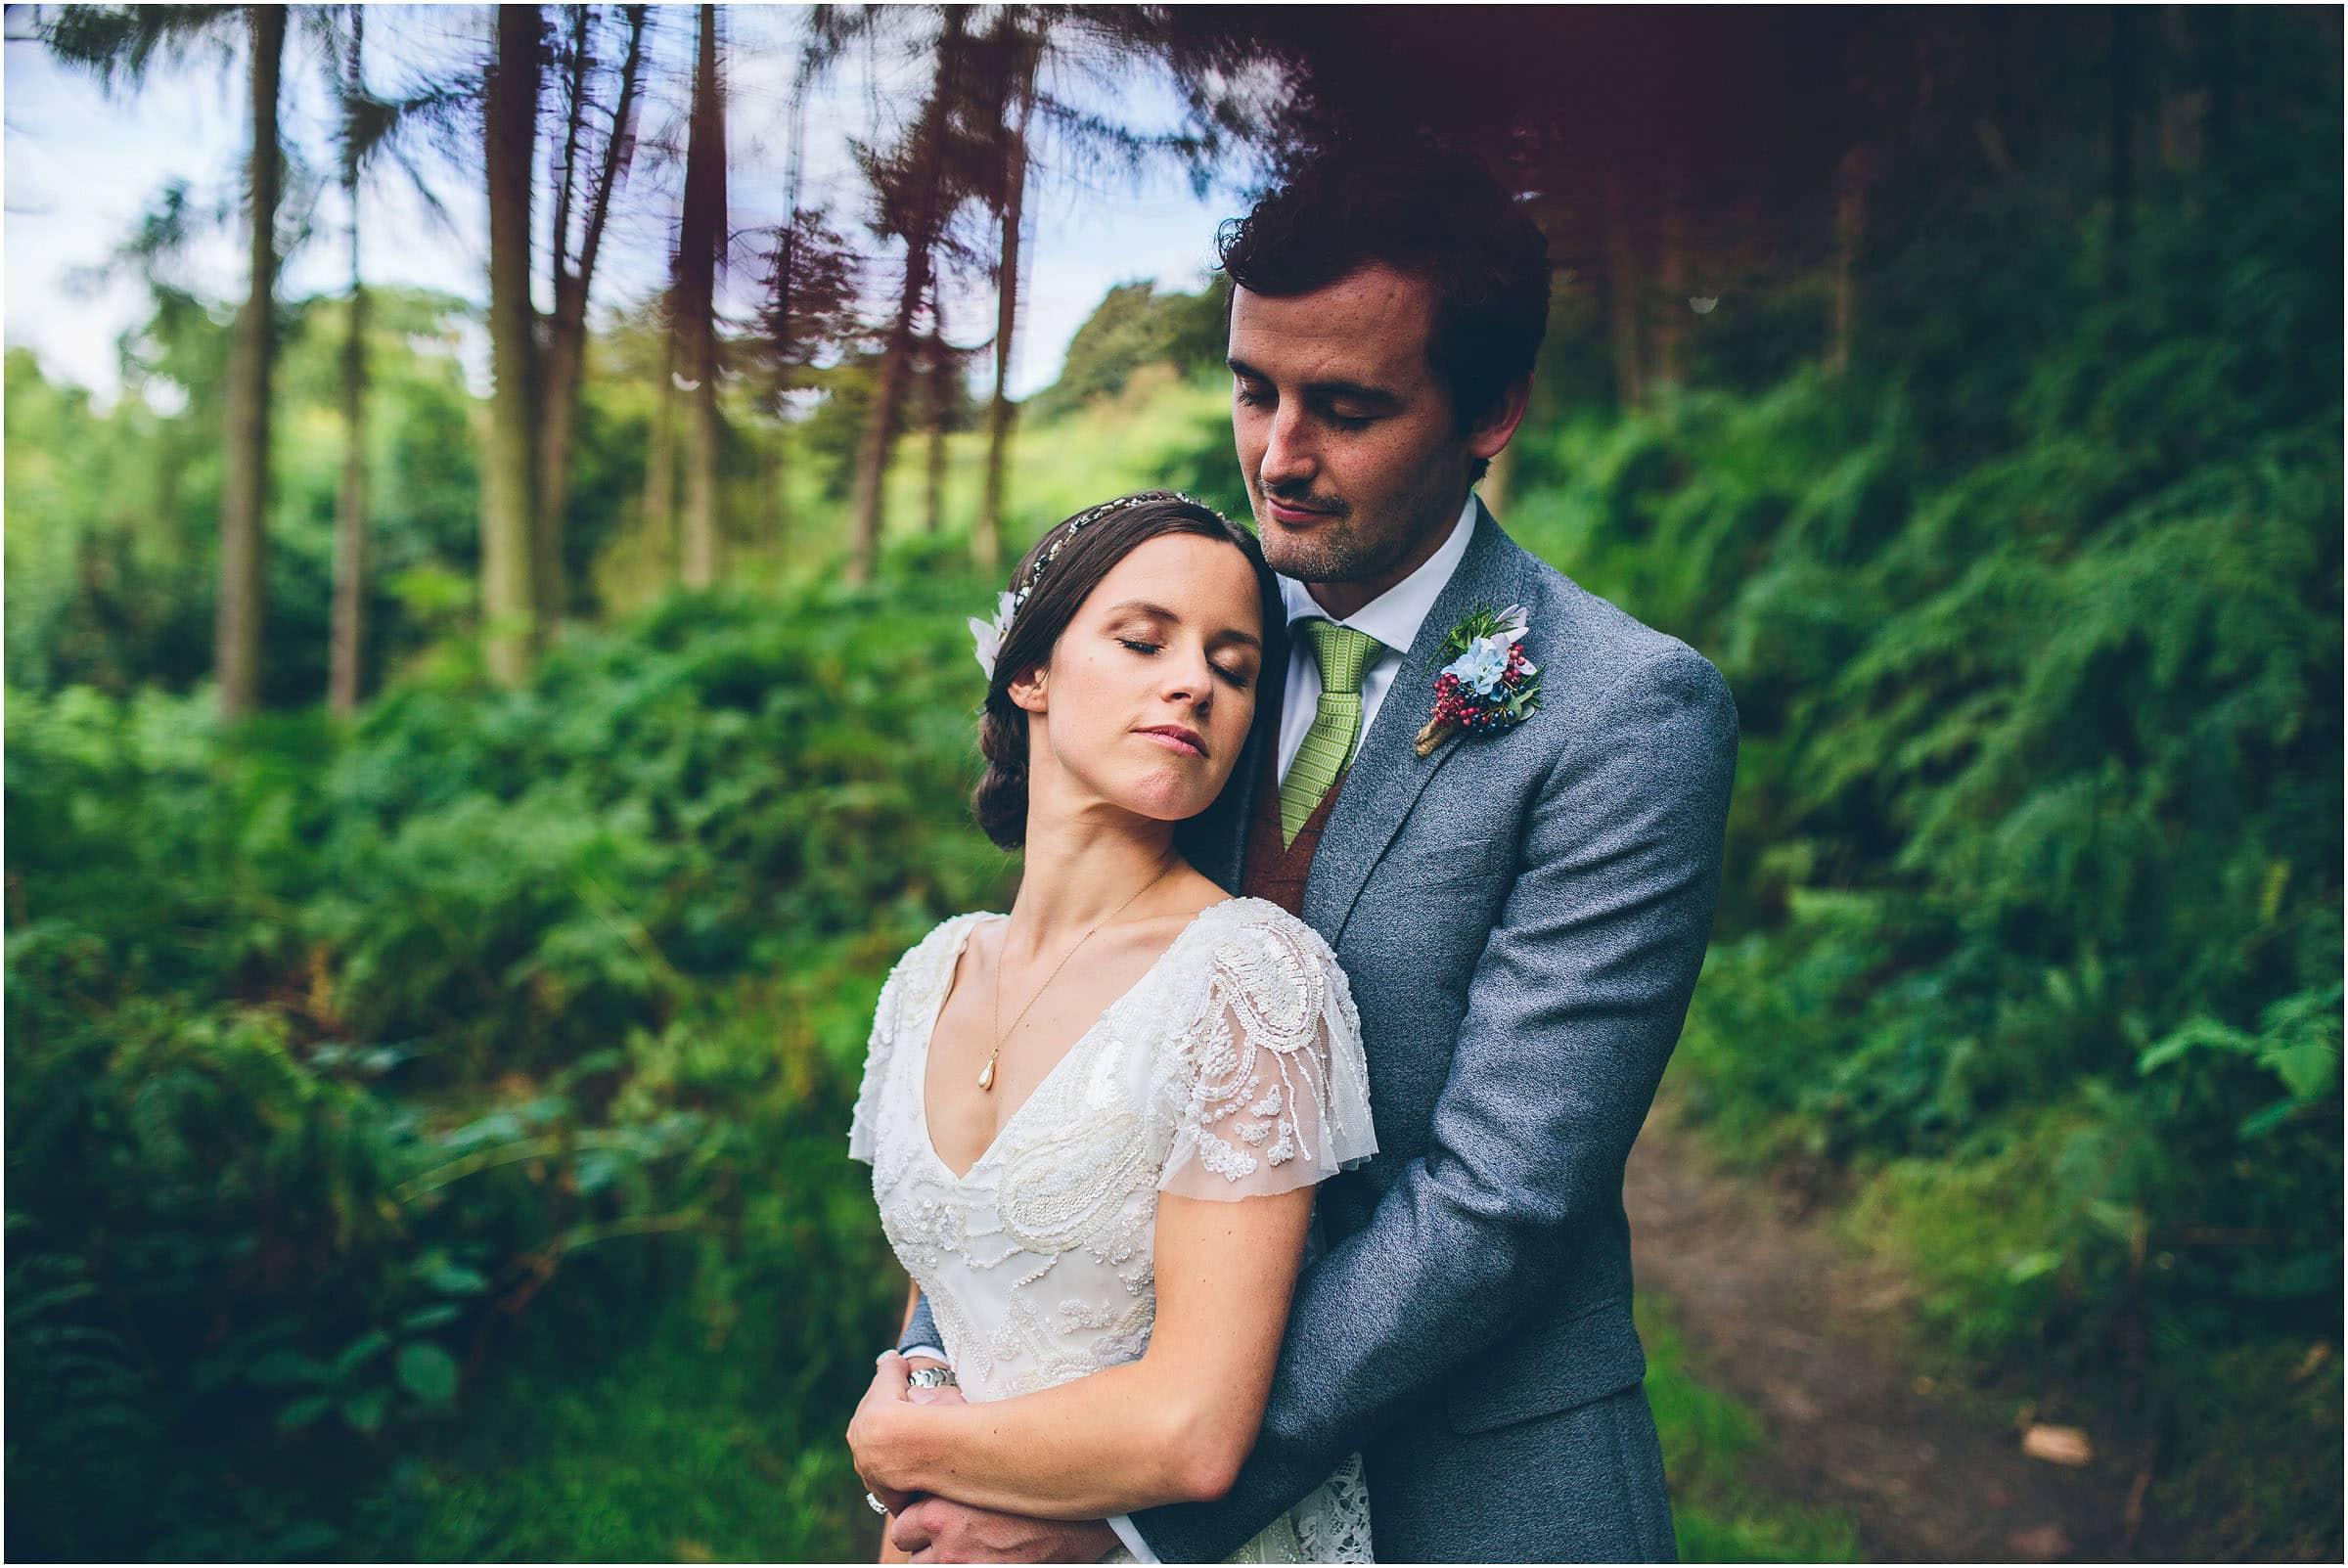 Harthill_Weddings_Wedding_Photography_0075